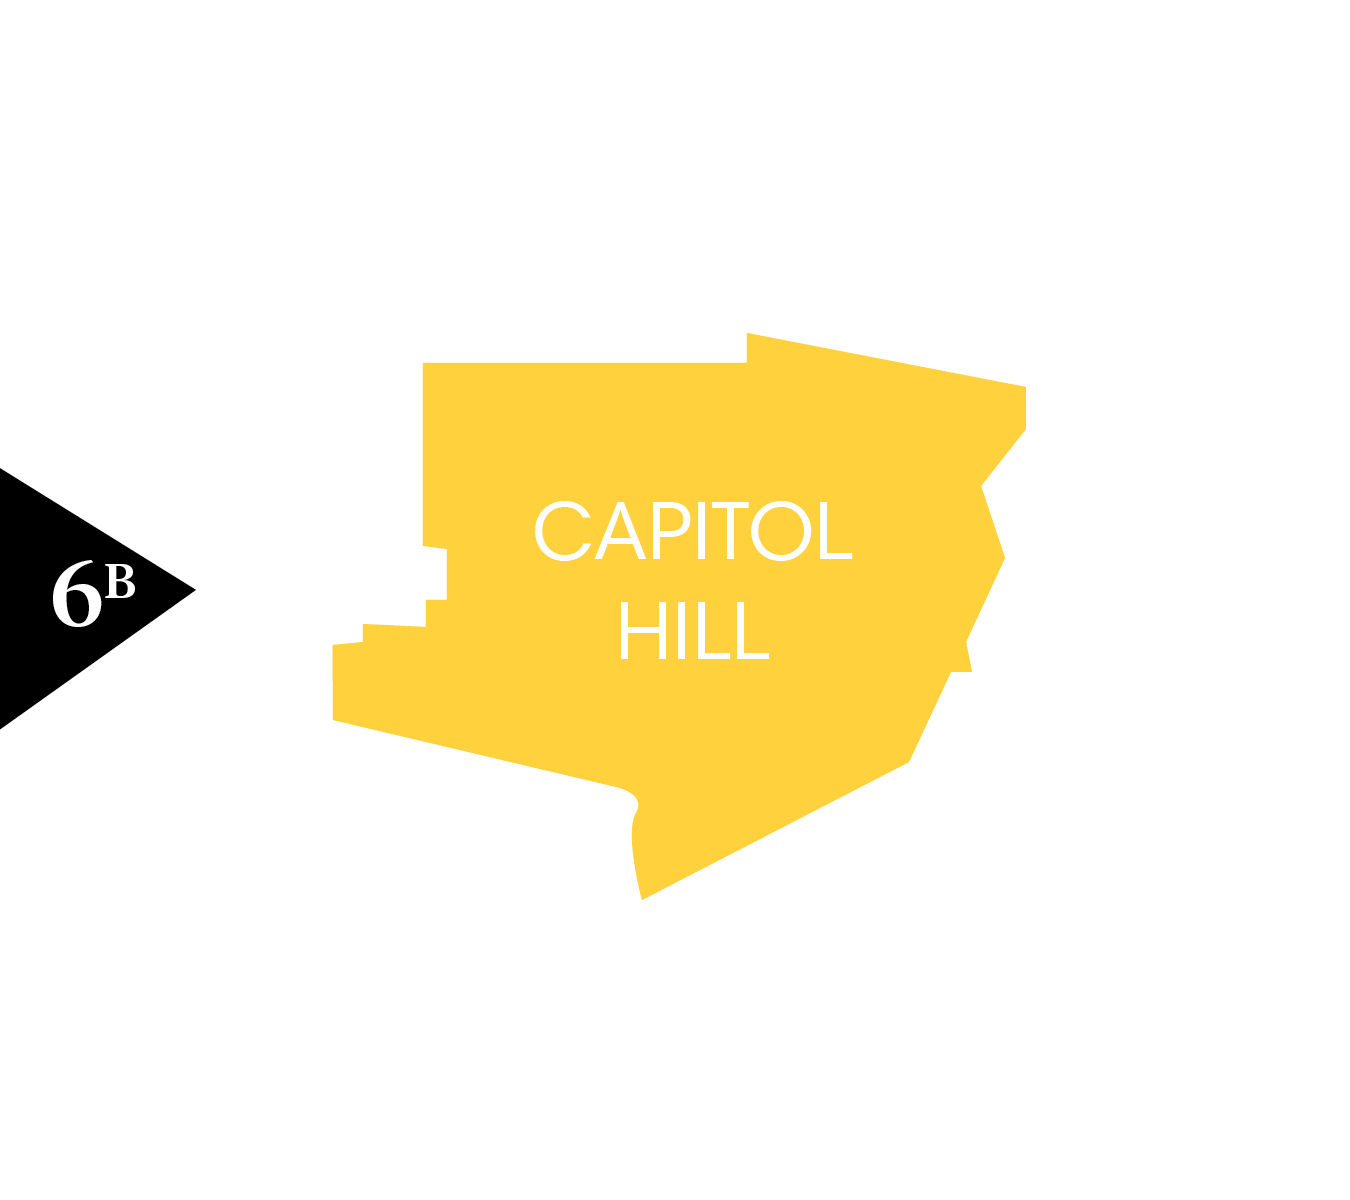 CapitolHill.jpg